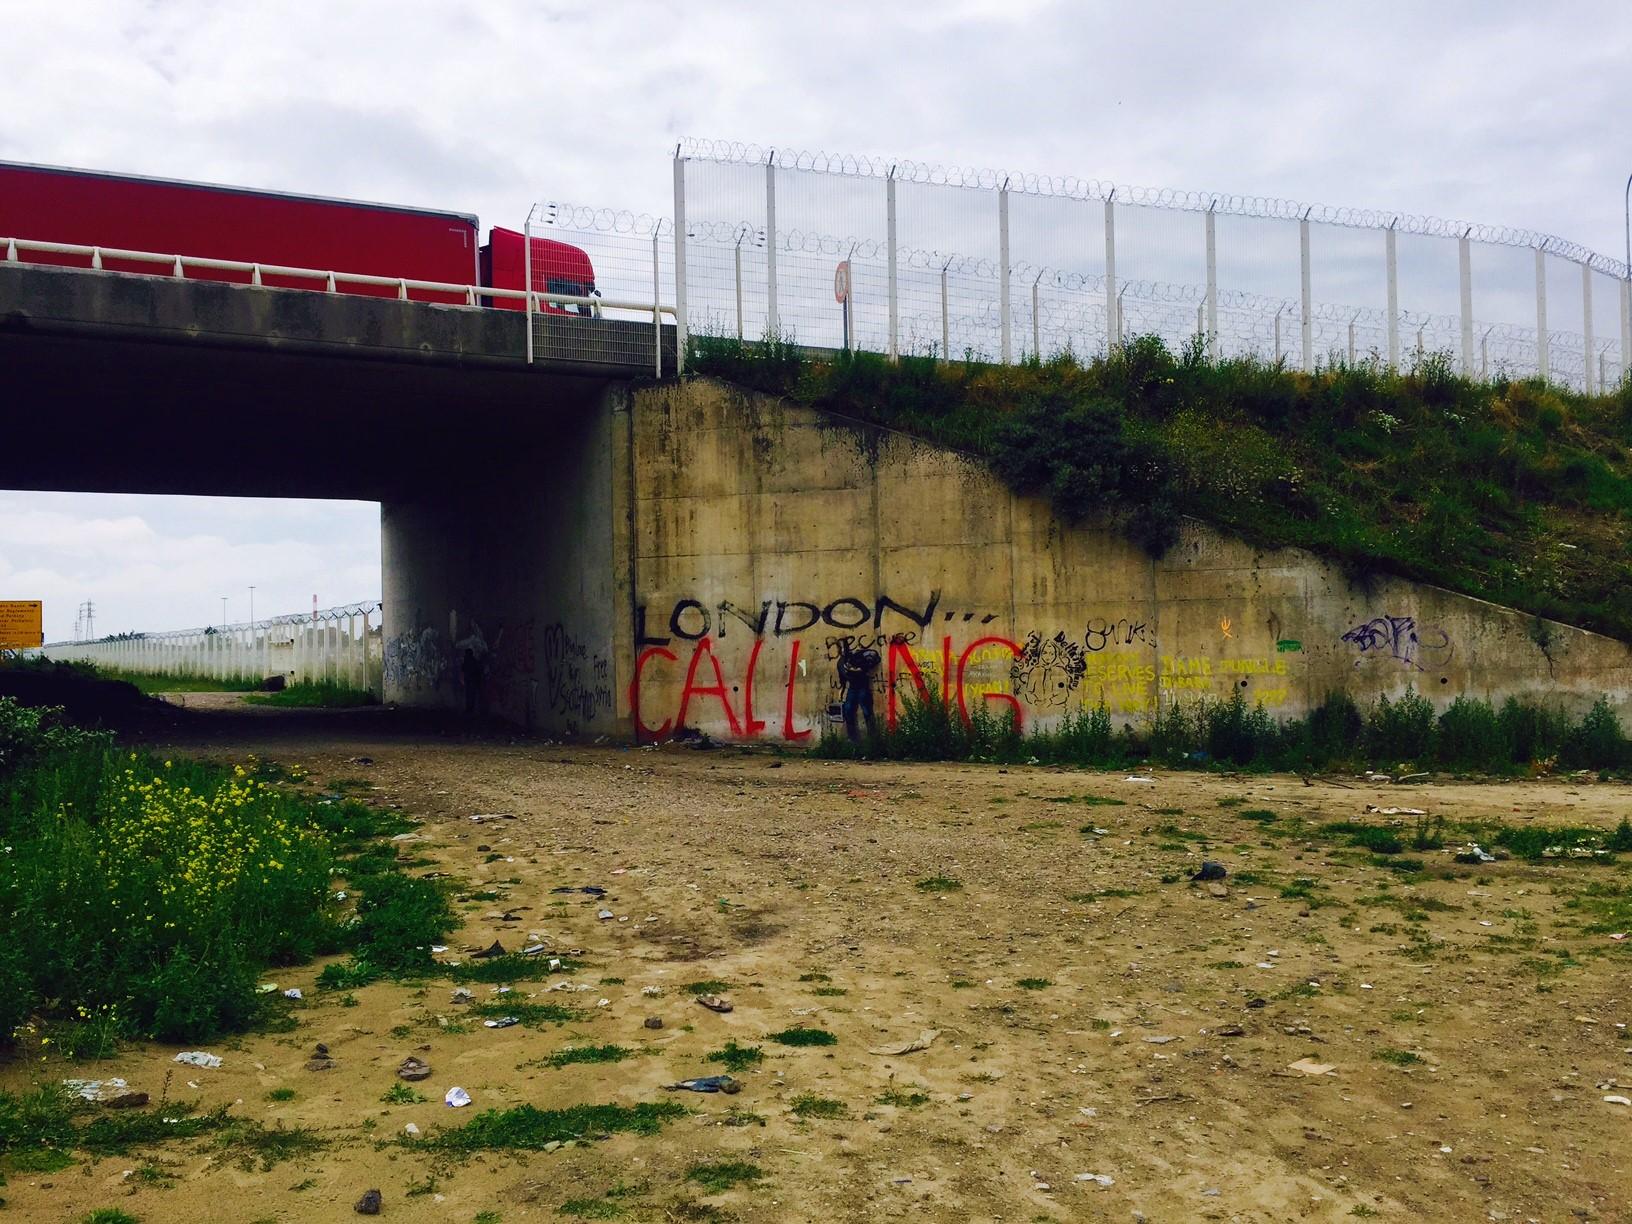 Gran Bretagna: un muro a Calais per tenere fuori gli immigrati